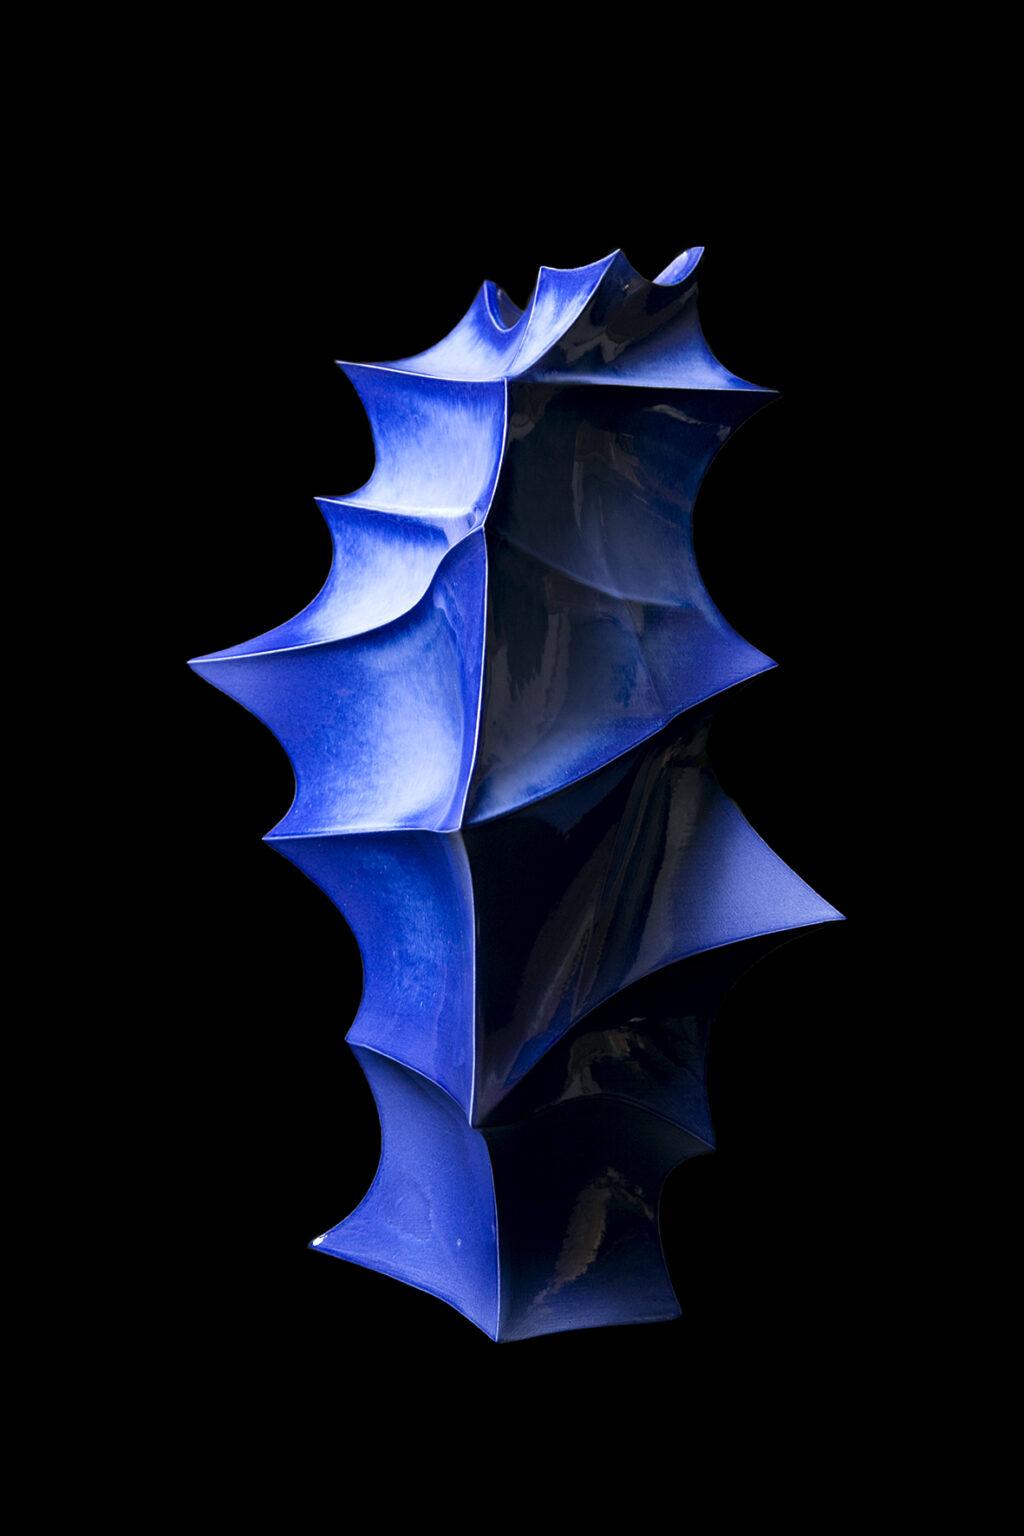 אופיר זמודזאק, הביאנלה במוזא, צילום הדר סייפן 3